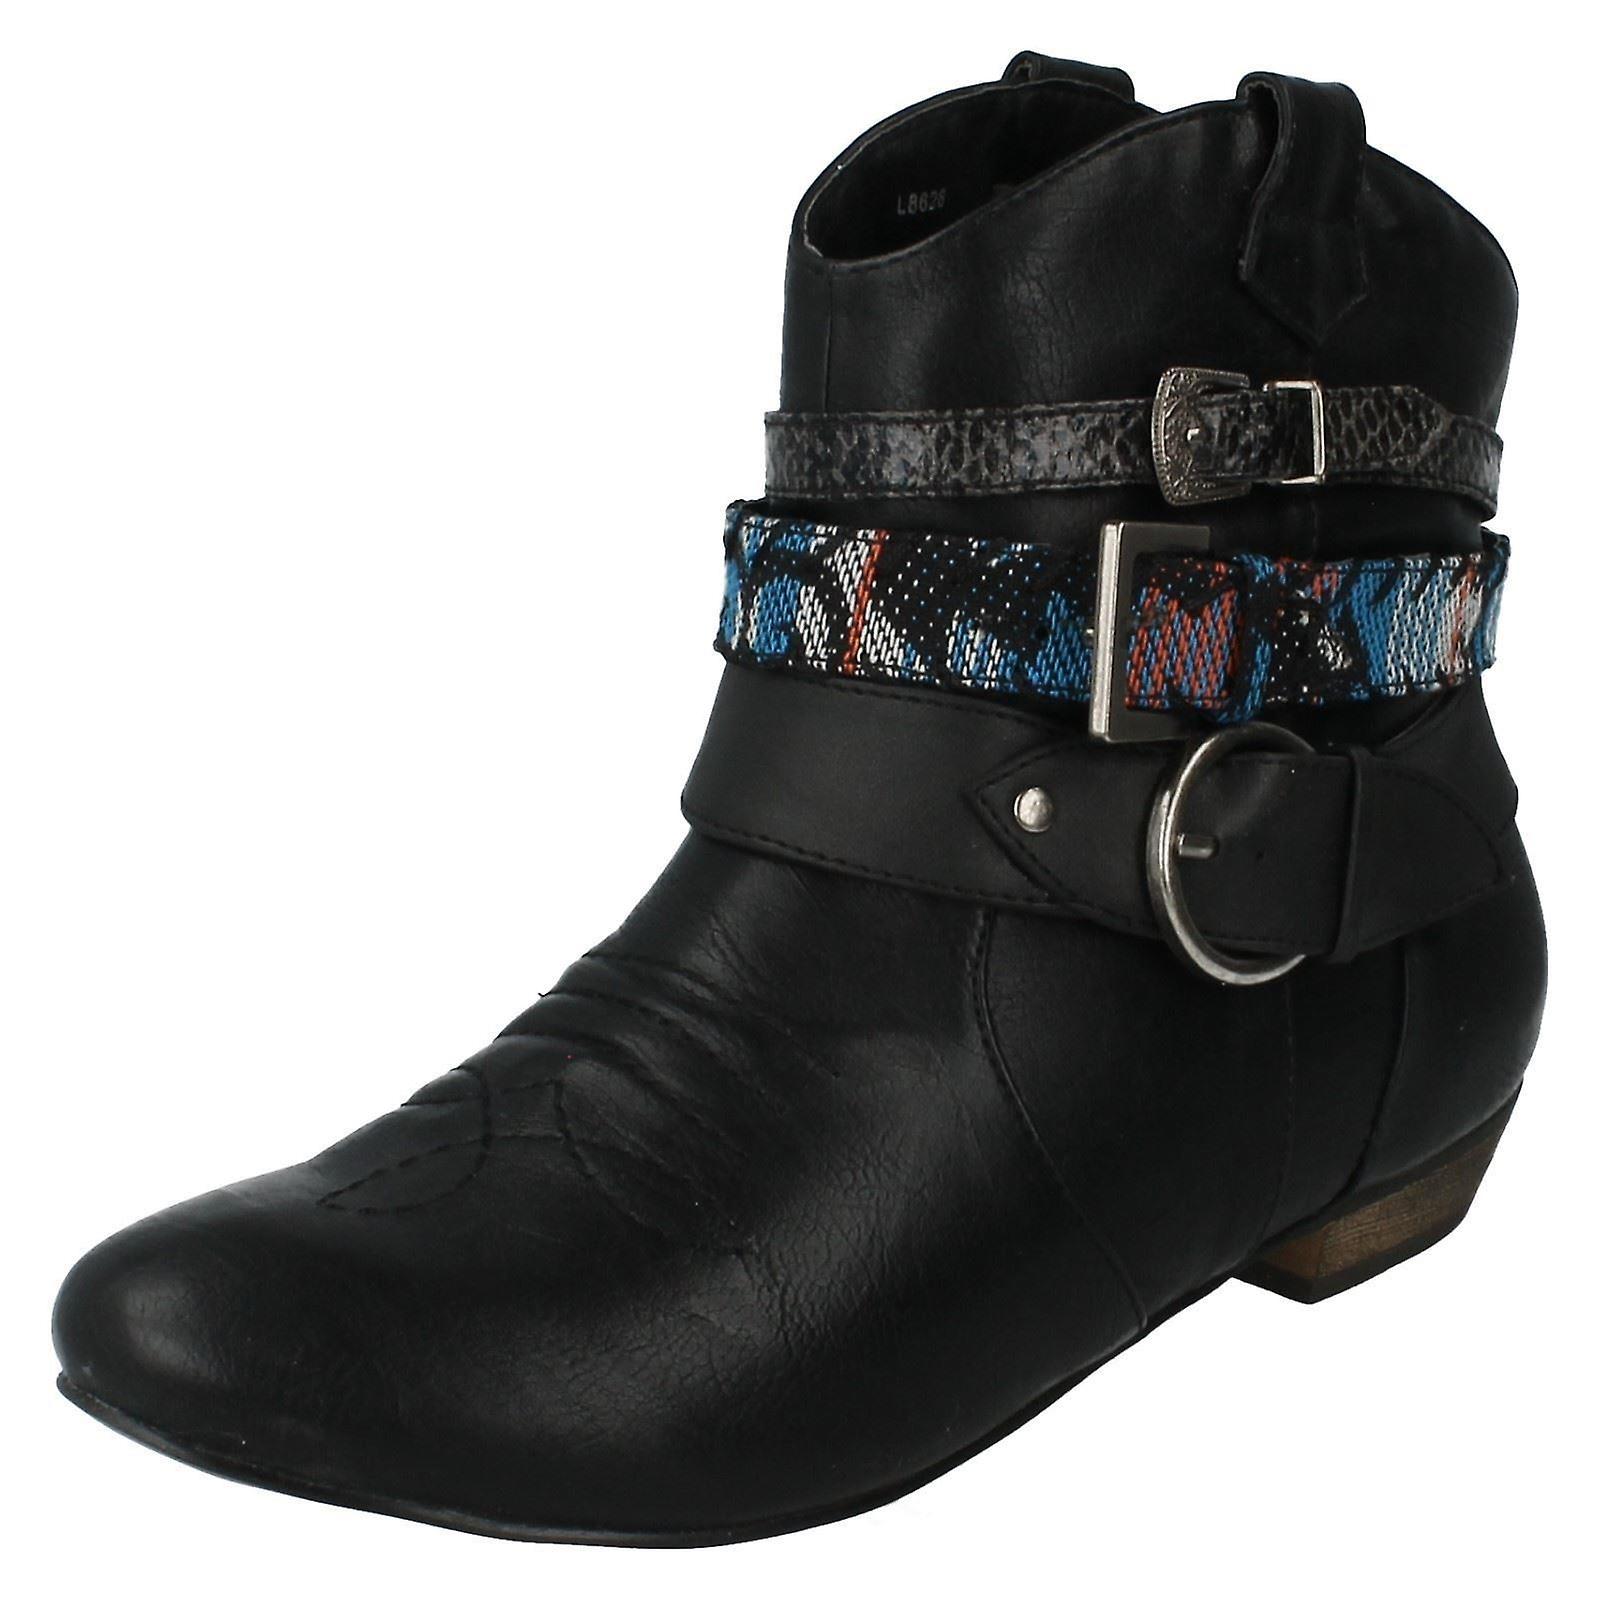 Le signore Coco caviglia stivali stile - L8628